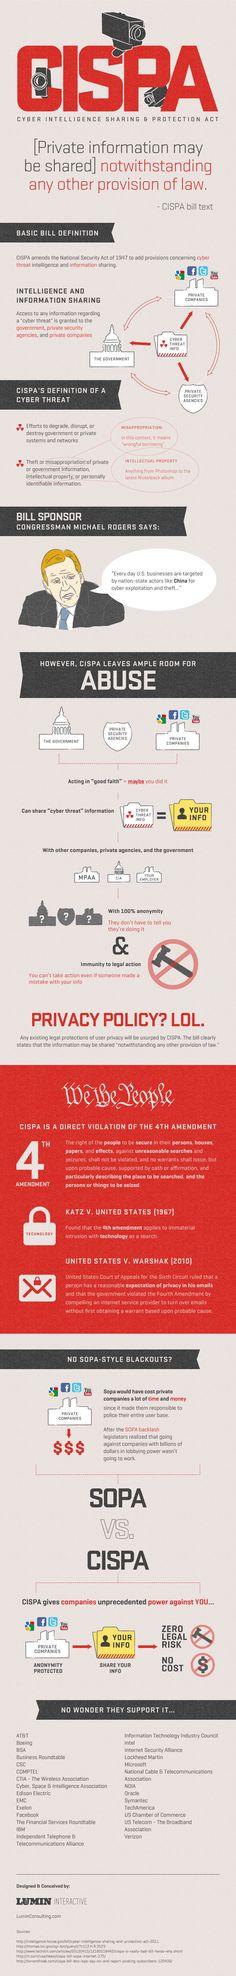 ¿La ley #CISPA es peor que la ley #SOPA?